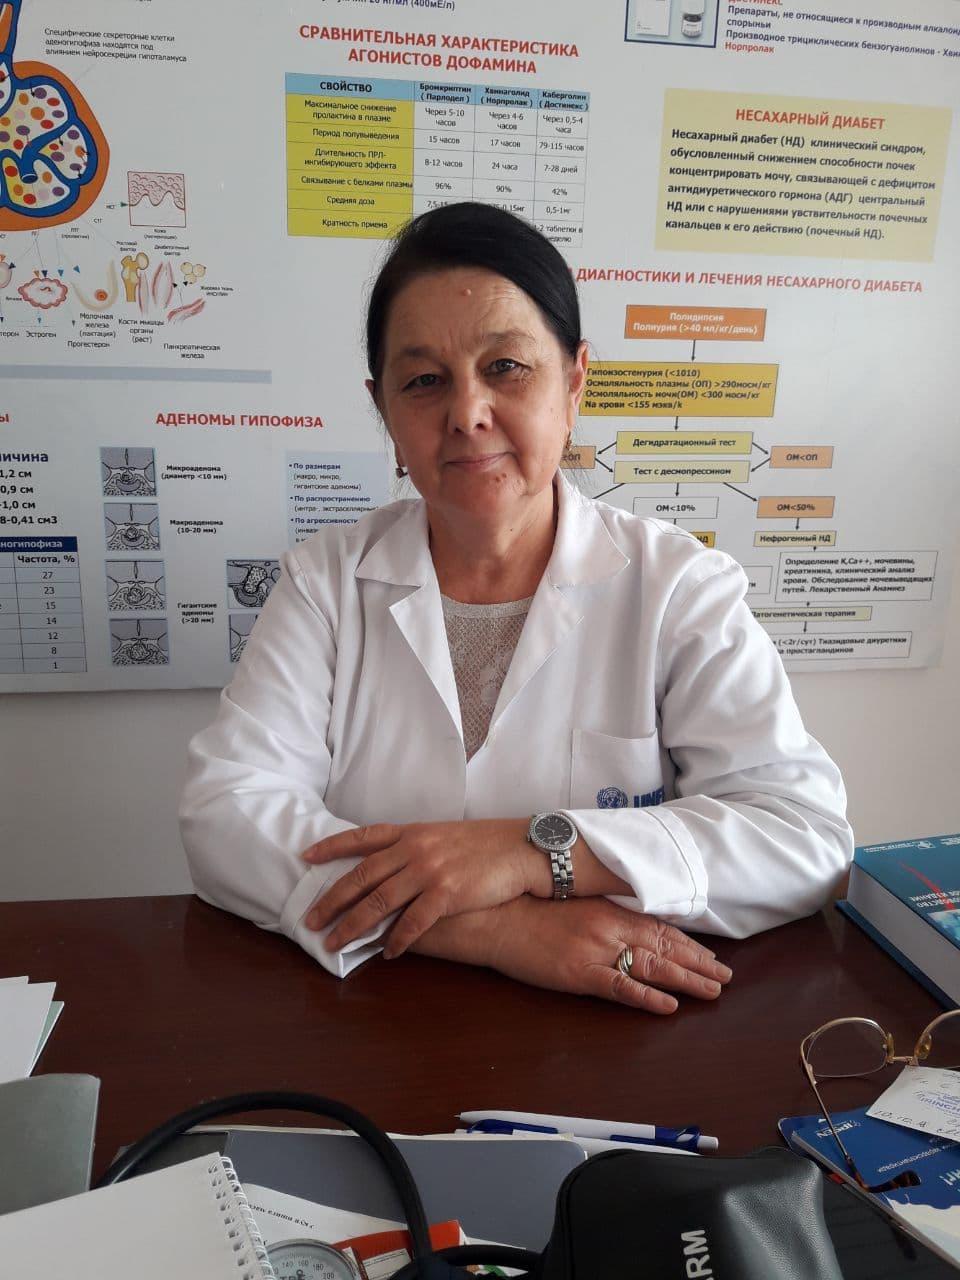 Мухтарова Маргарита эндокринолог